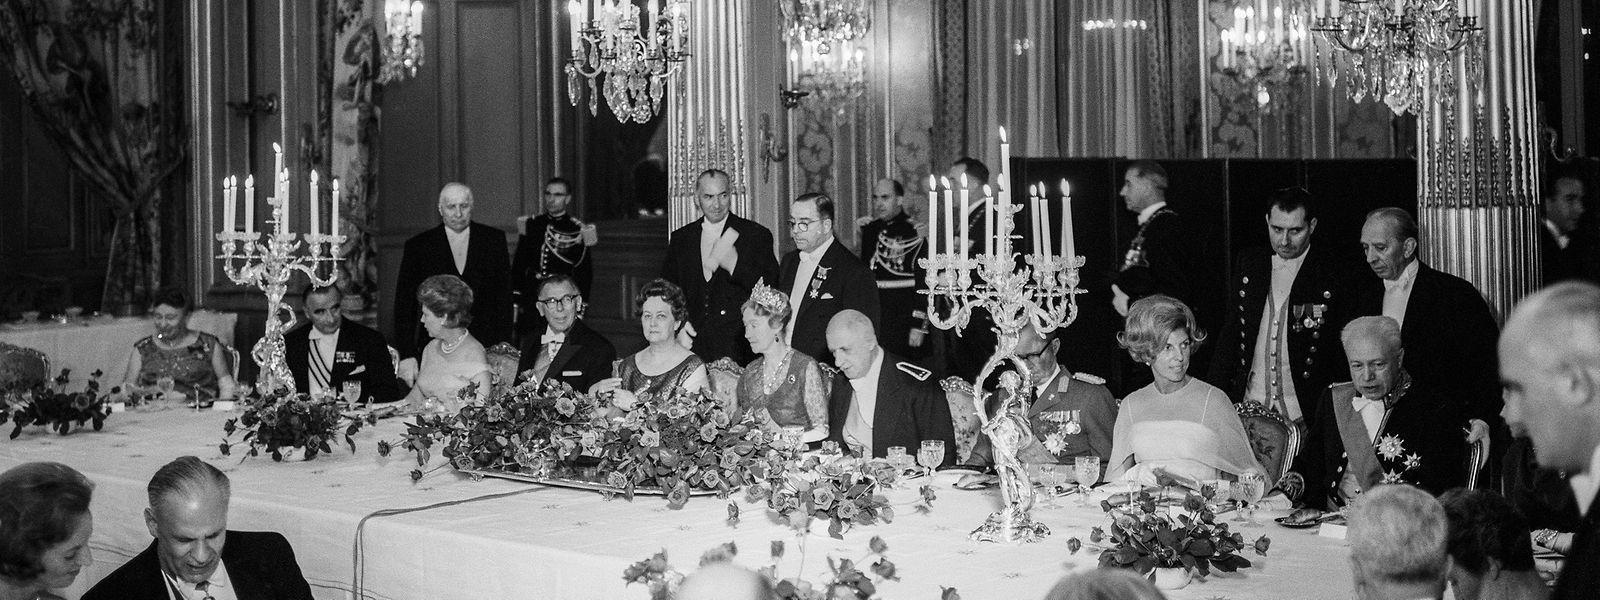 Le dîner du 2 octobre 1963 au Palais de l'Elysée. Le Général de Gaulle accueille la grande-duchesse Charlotte avec les plus grands crus, notamment un Haut-Brion 1957. (Photo: Photothéque de la Ville de Luxembourg / Pol Aschman)